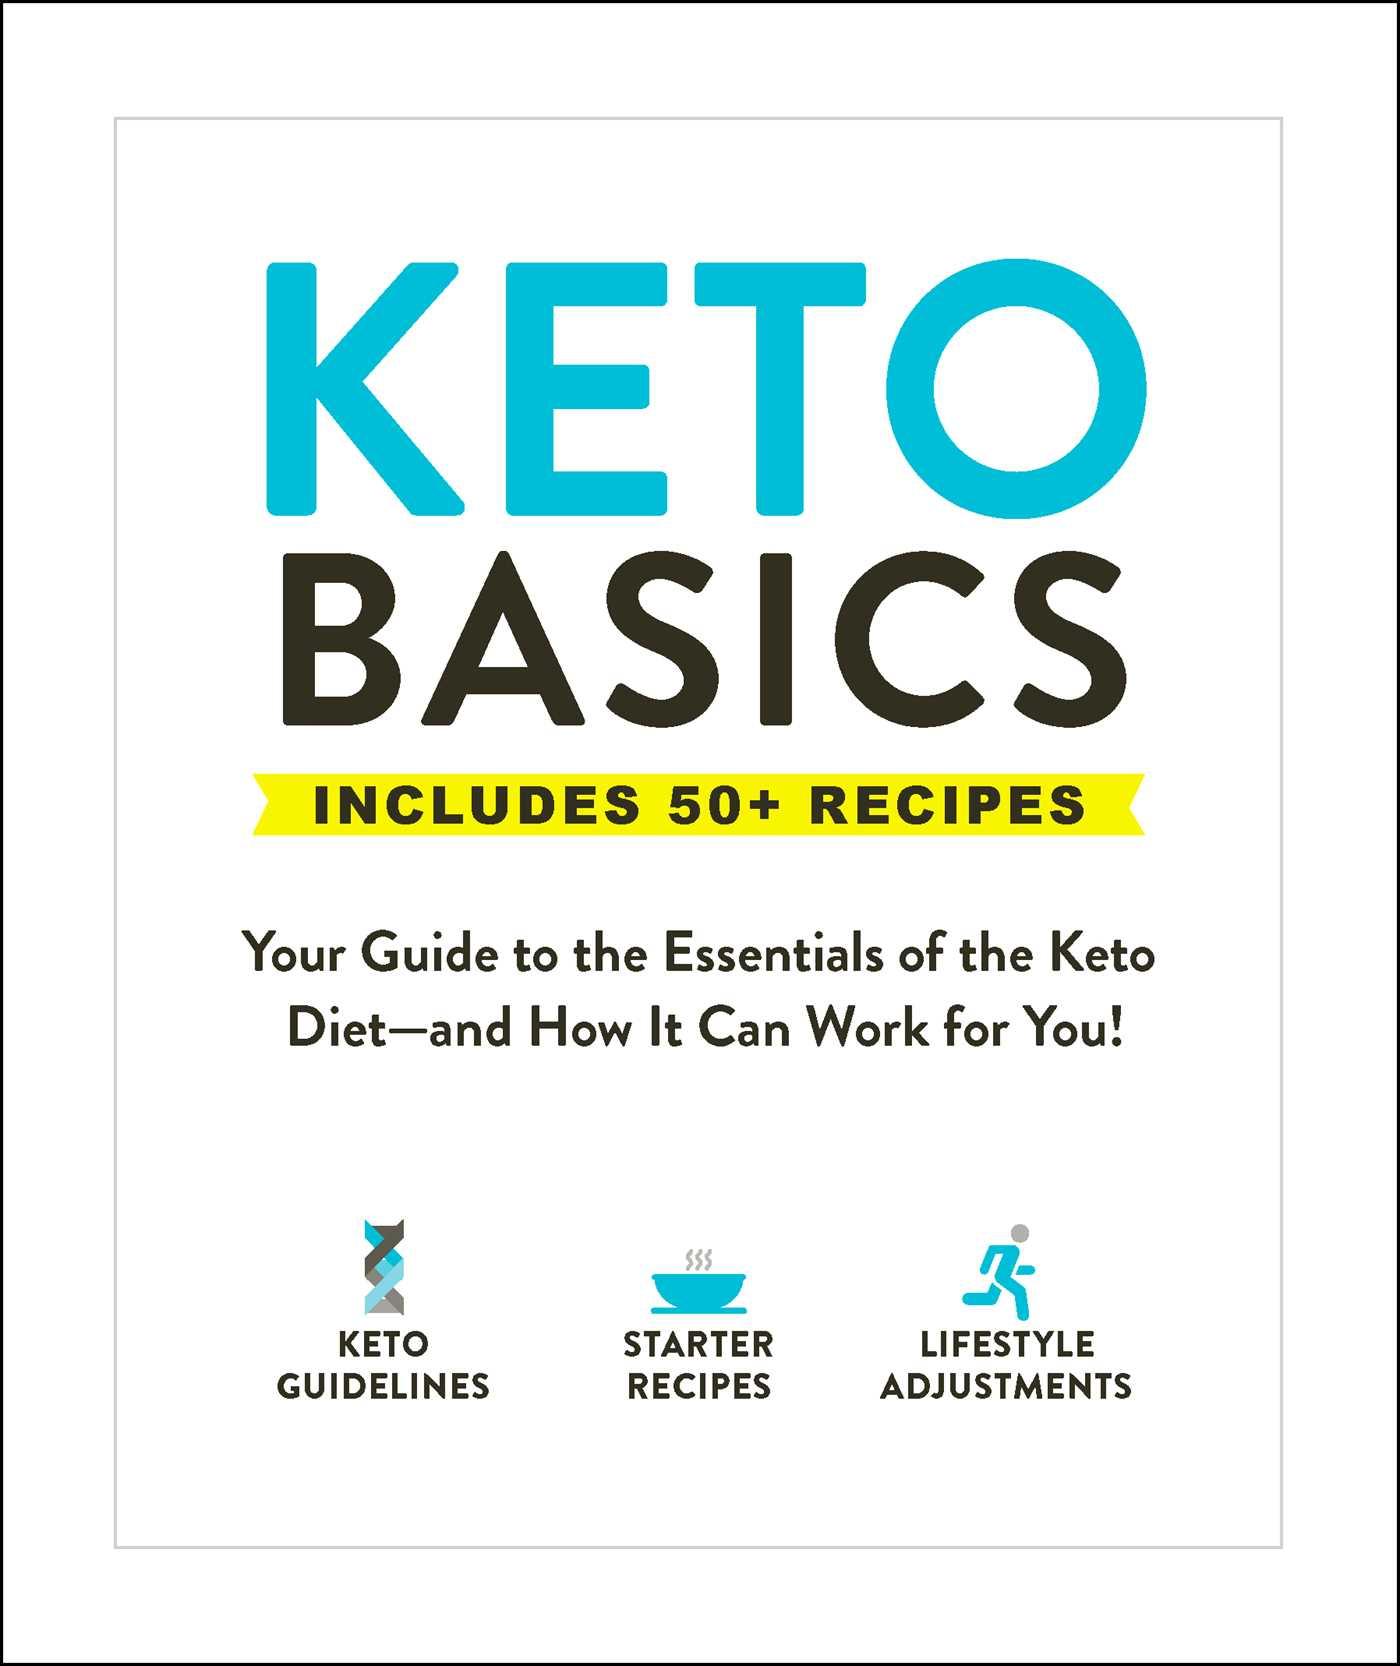 Keto basics 9781507210109 hr